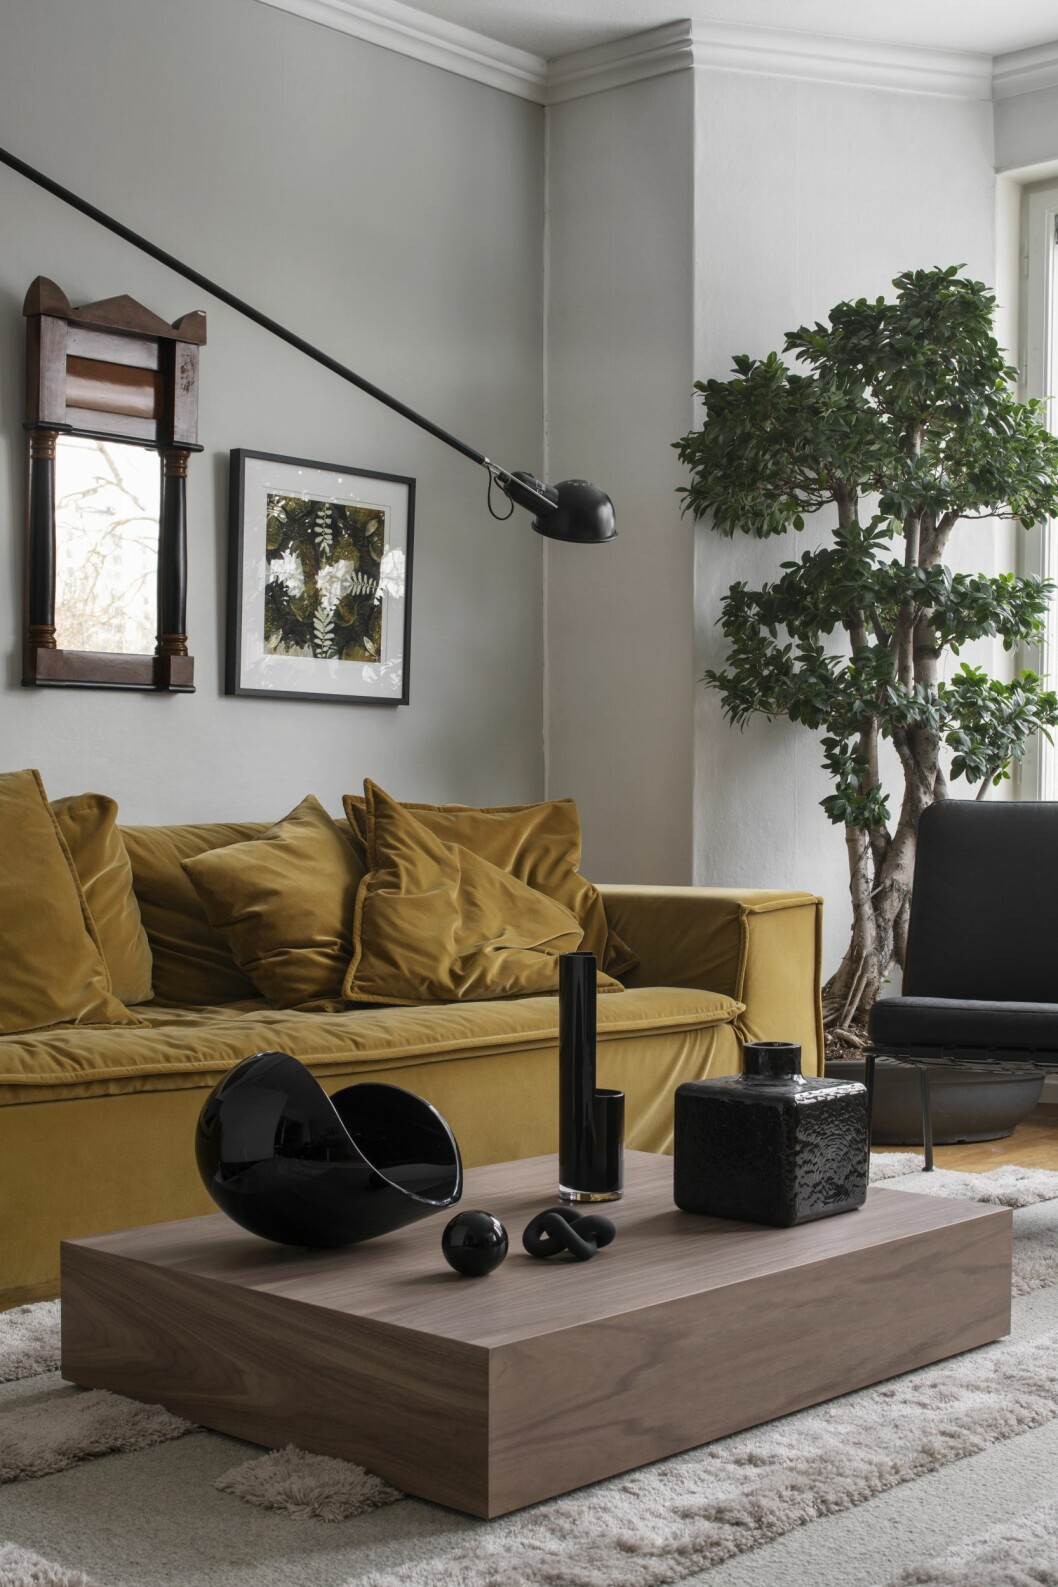 Vardagsrumm med gul soffa från Meli Meli och framför soffan ett lågt soffbord från Lim + Lu.